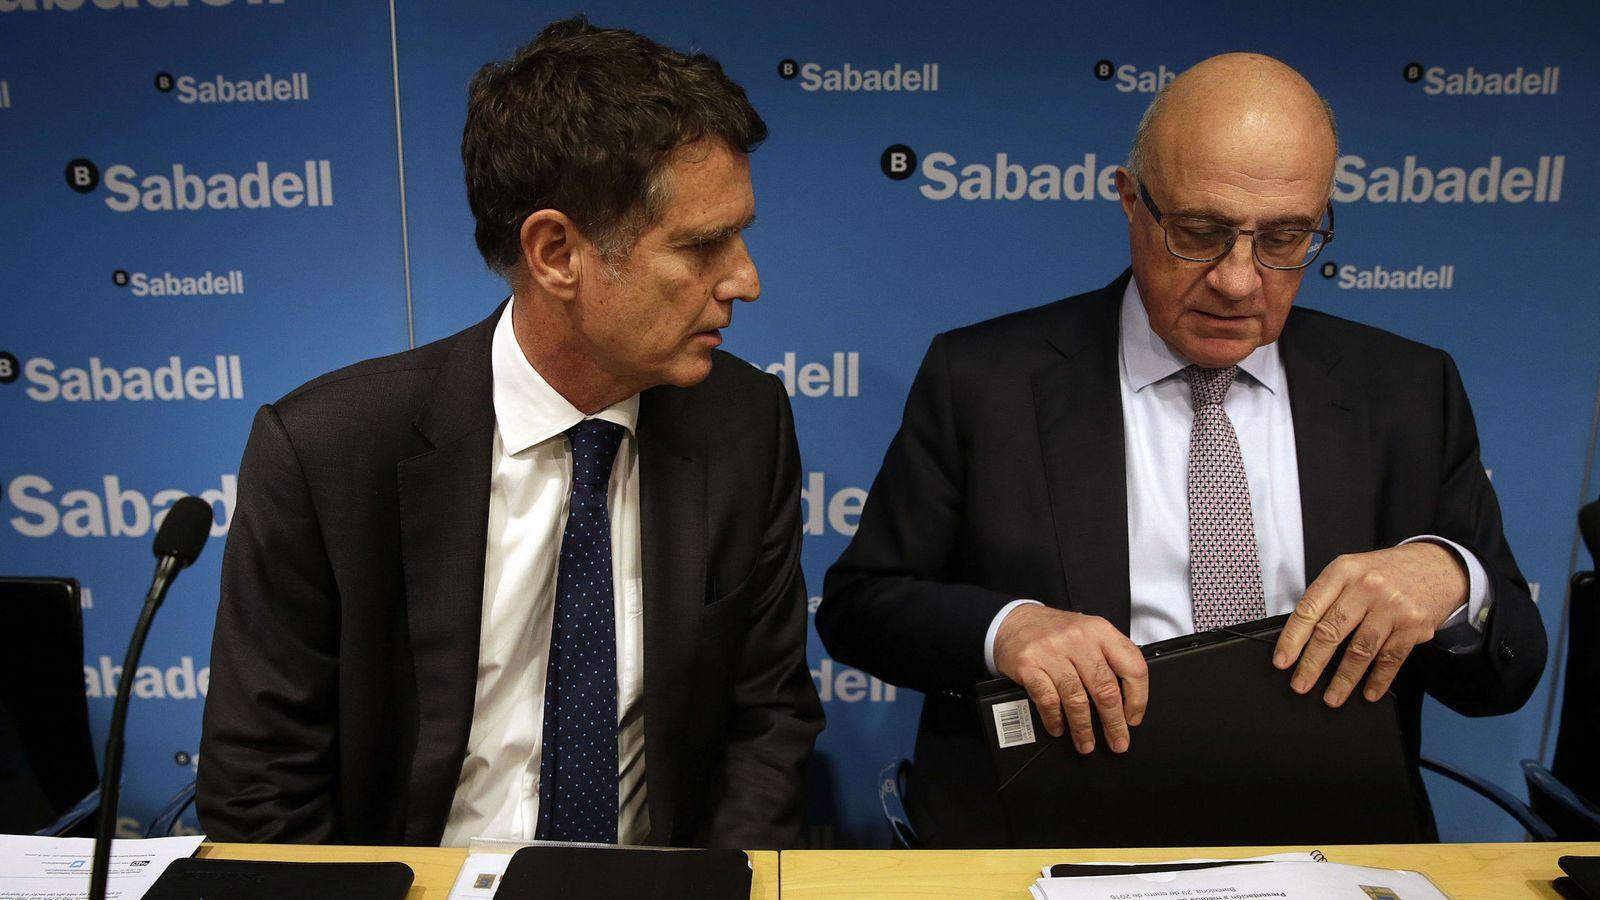 Clausula suelo banco sabadell se puede reclamar la for Acuerdo clausula suelo banco sabadell